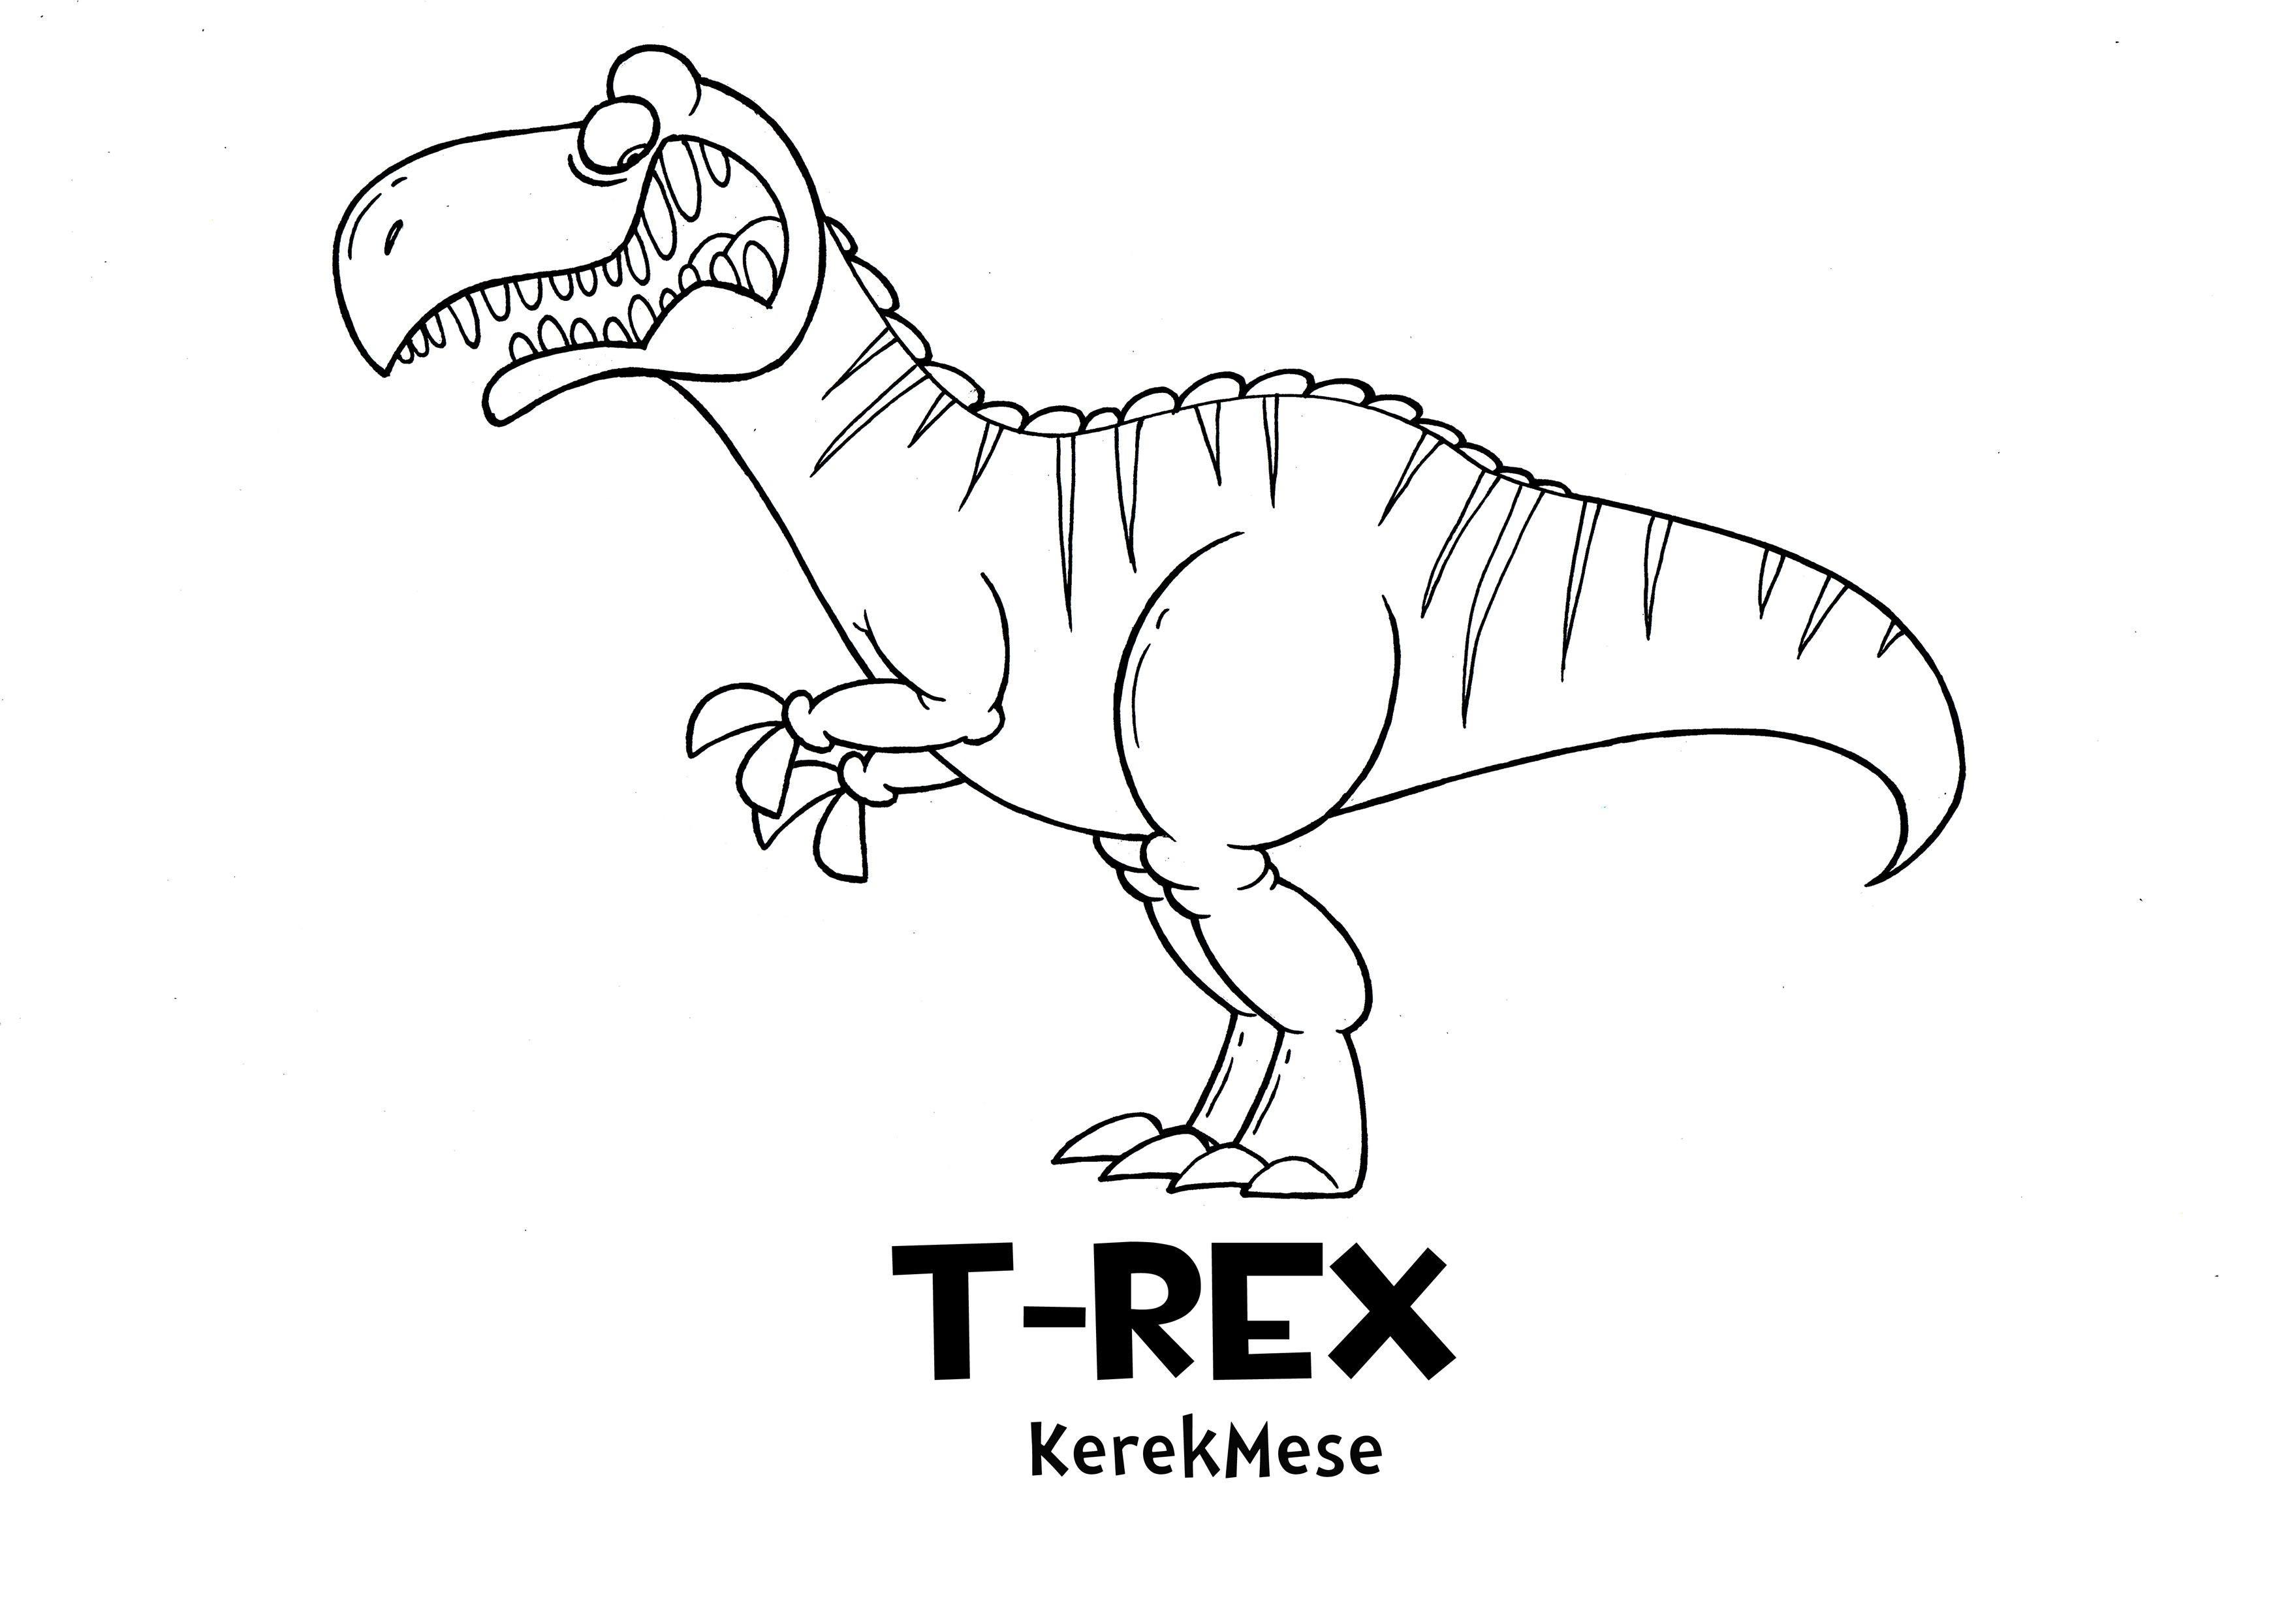 T Rex Zum Ausmalen Genial Pin by Hediye ‡etinkaya Dinozor Luxus Tyrannosaurus Rex Sammlung